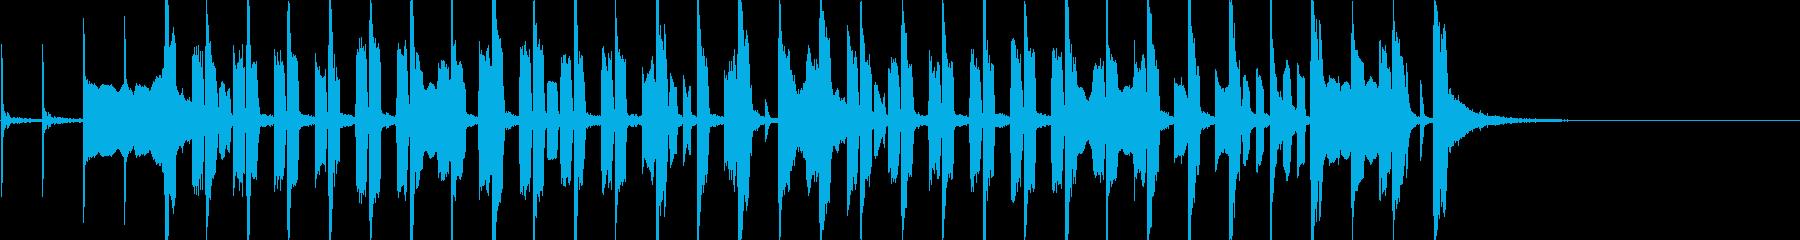 口笛吹きと犬/ポップアレンジの再生済みの波形